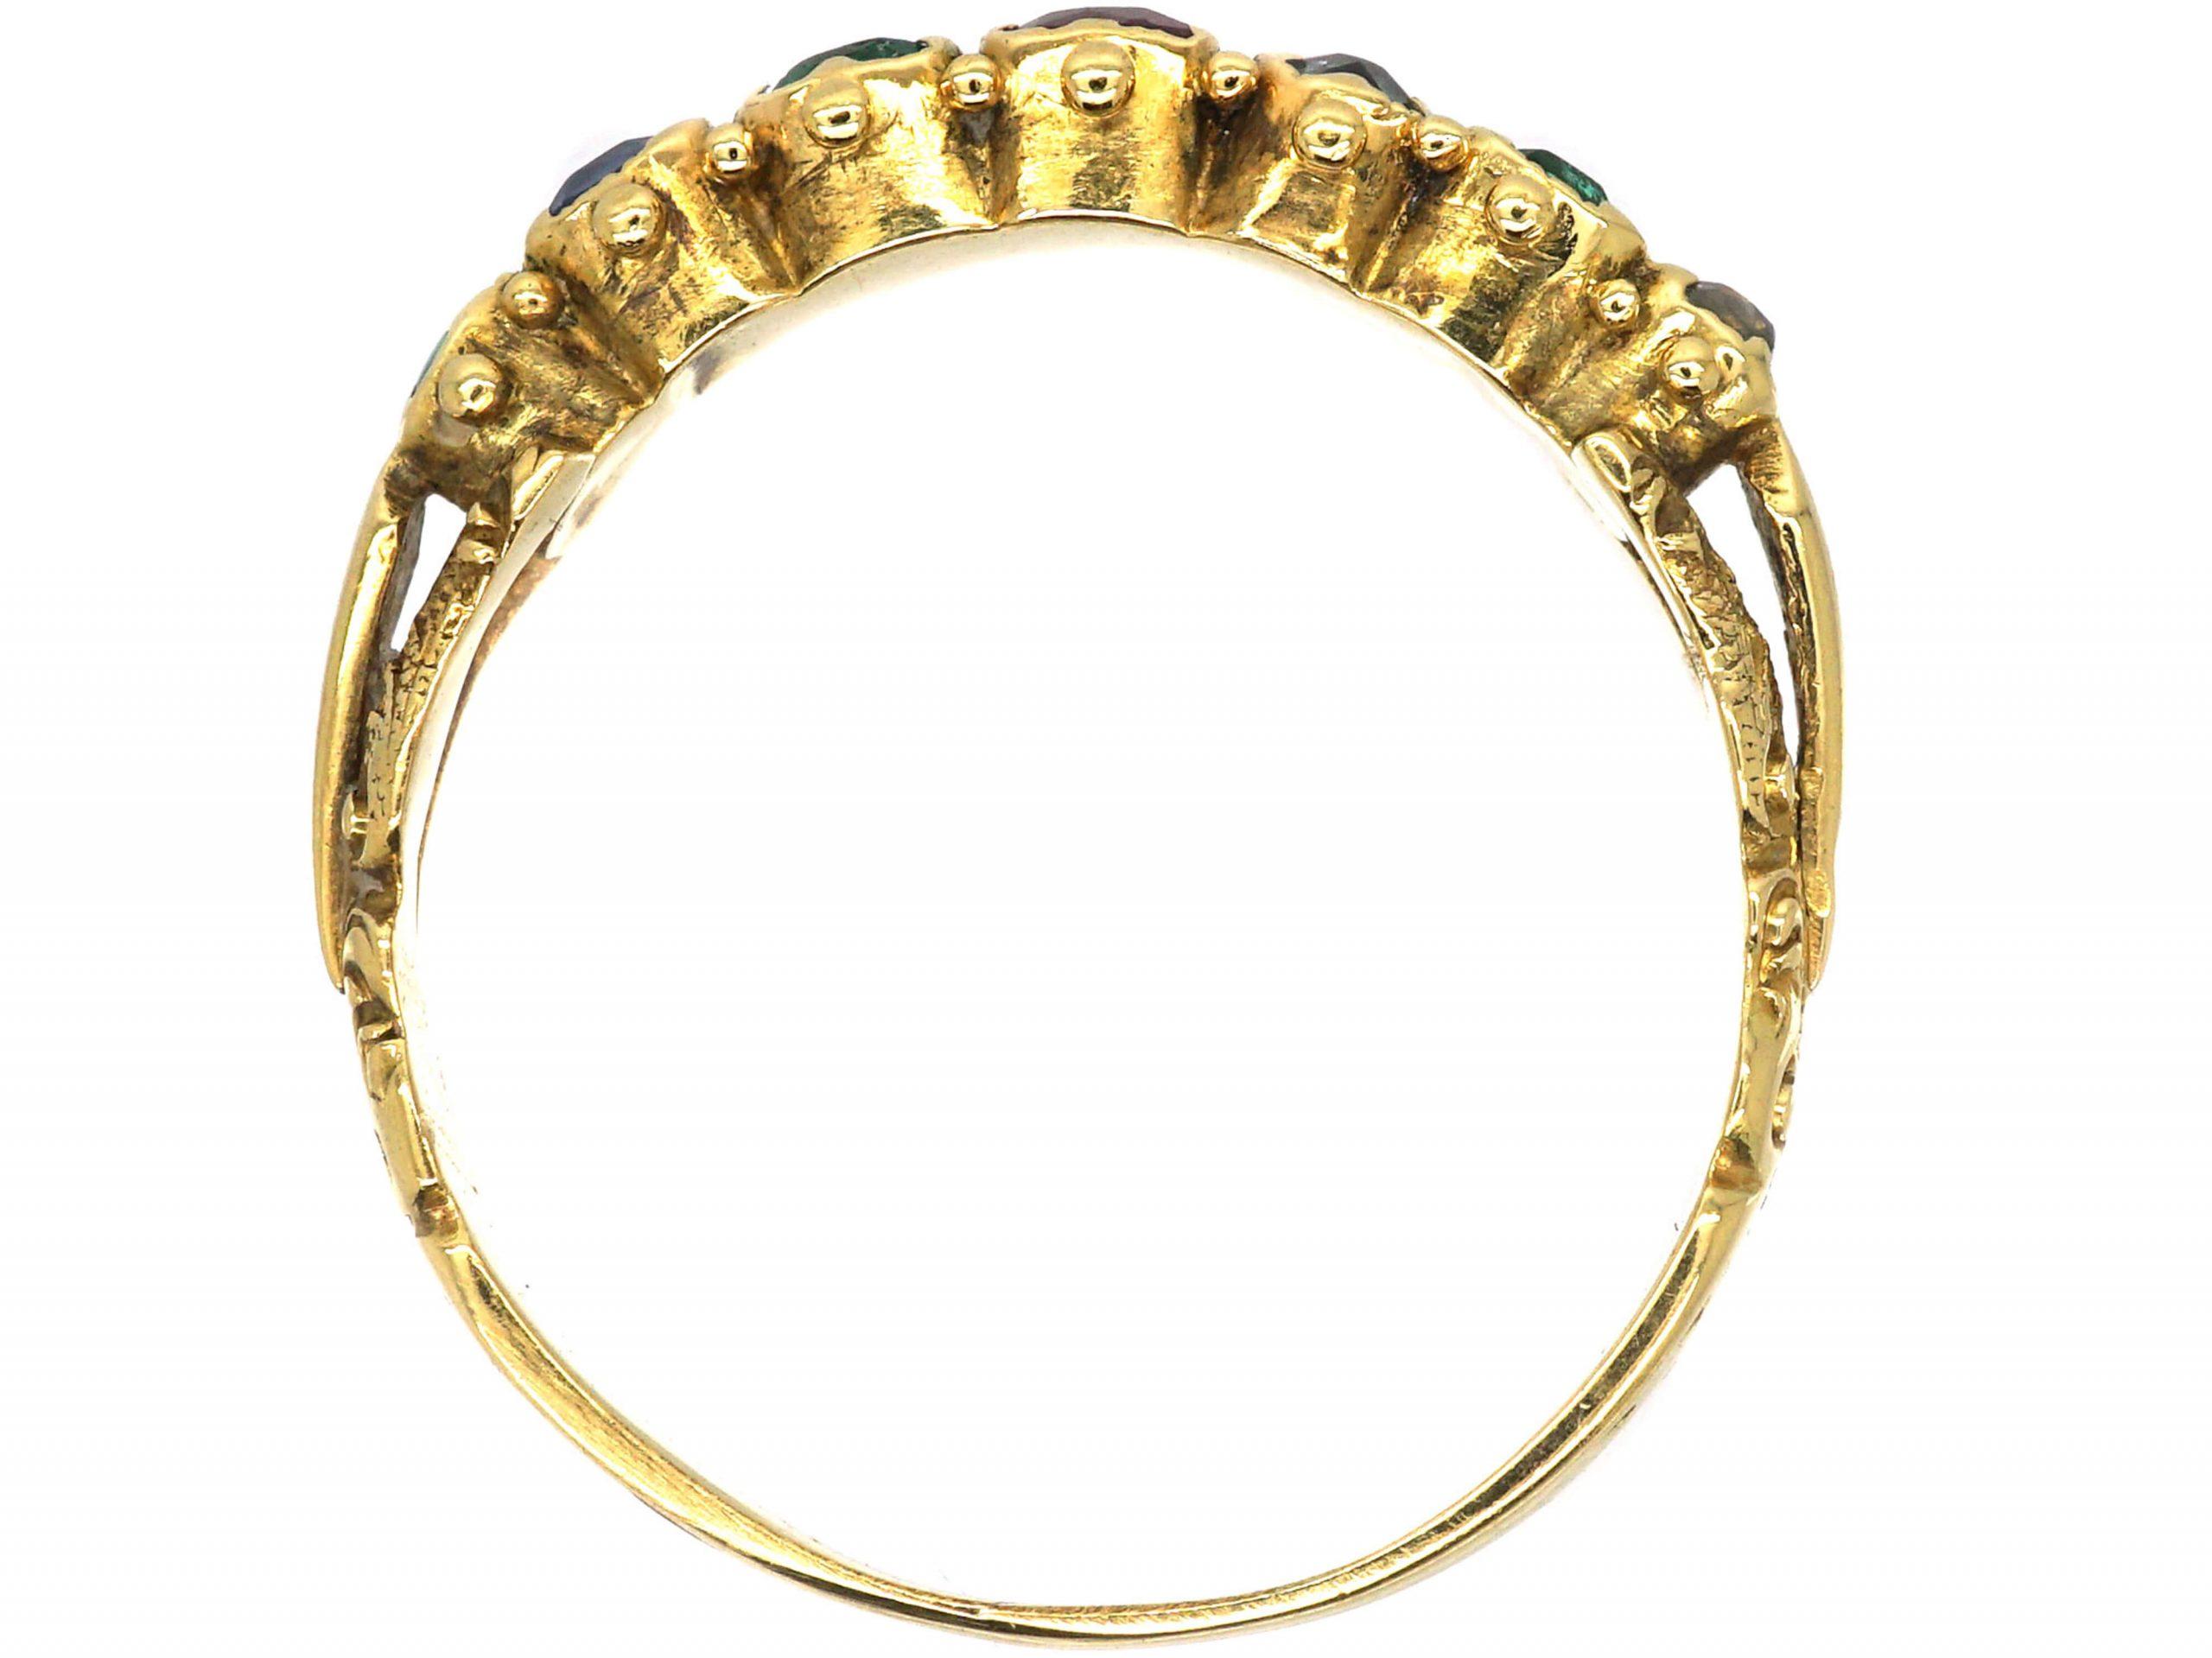 Regency 18ct Gold Ring Spelling Dearest